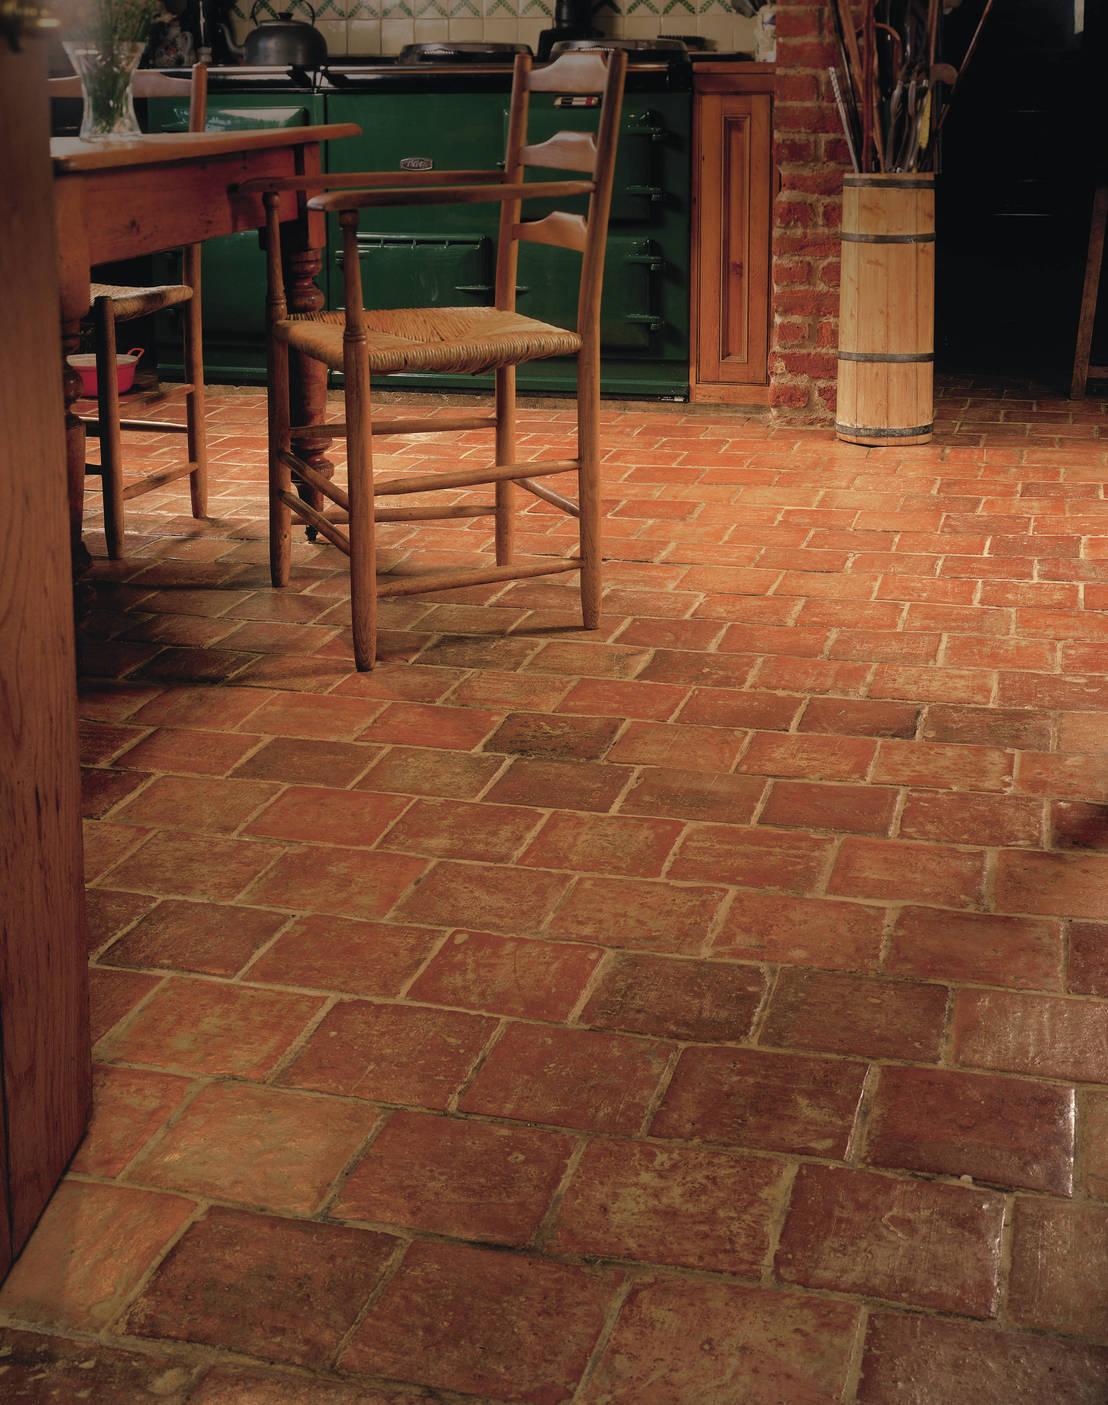 7 ideas de pisos r sticos para tu cocina - Azulejos rusticos para patios ...